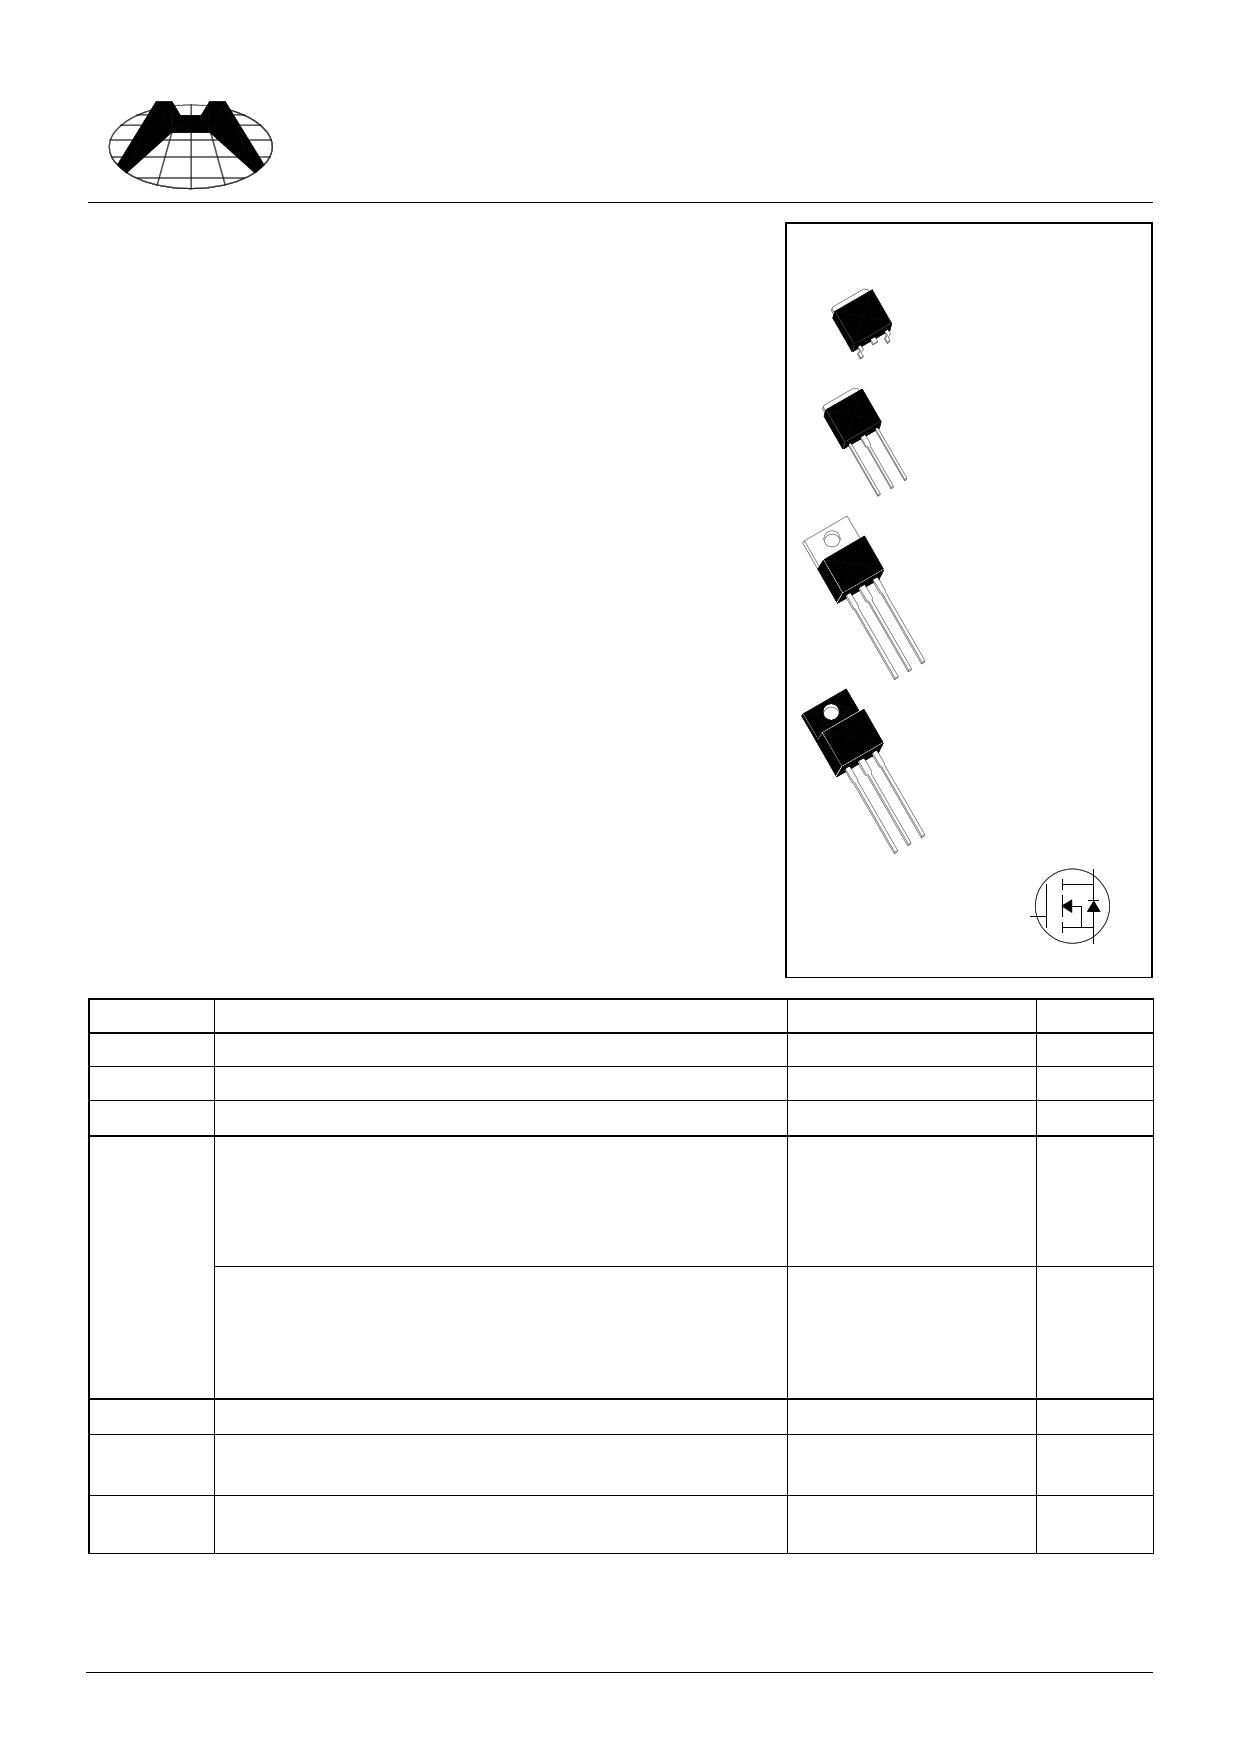 H02N60S Даташит, Описание, Даташиты